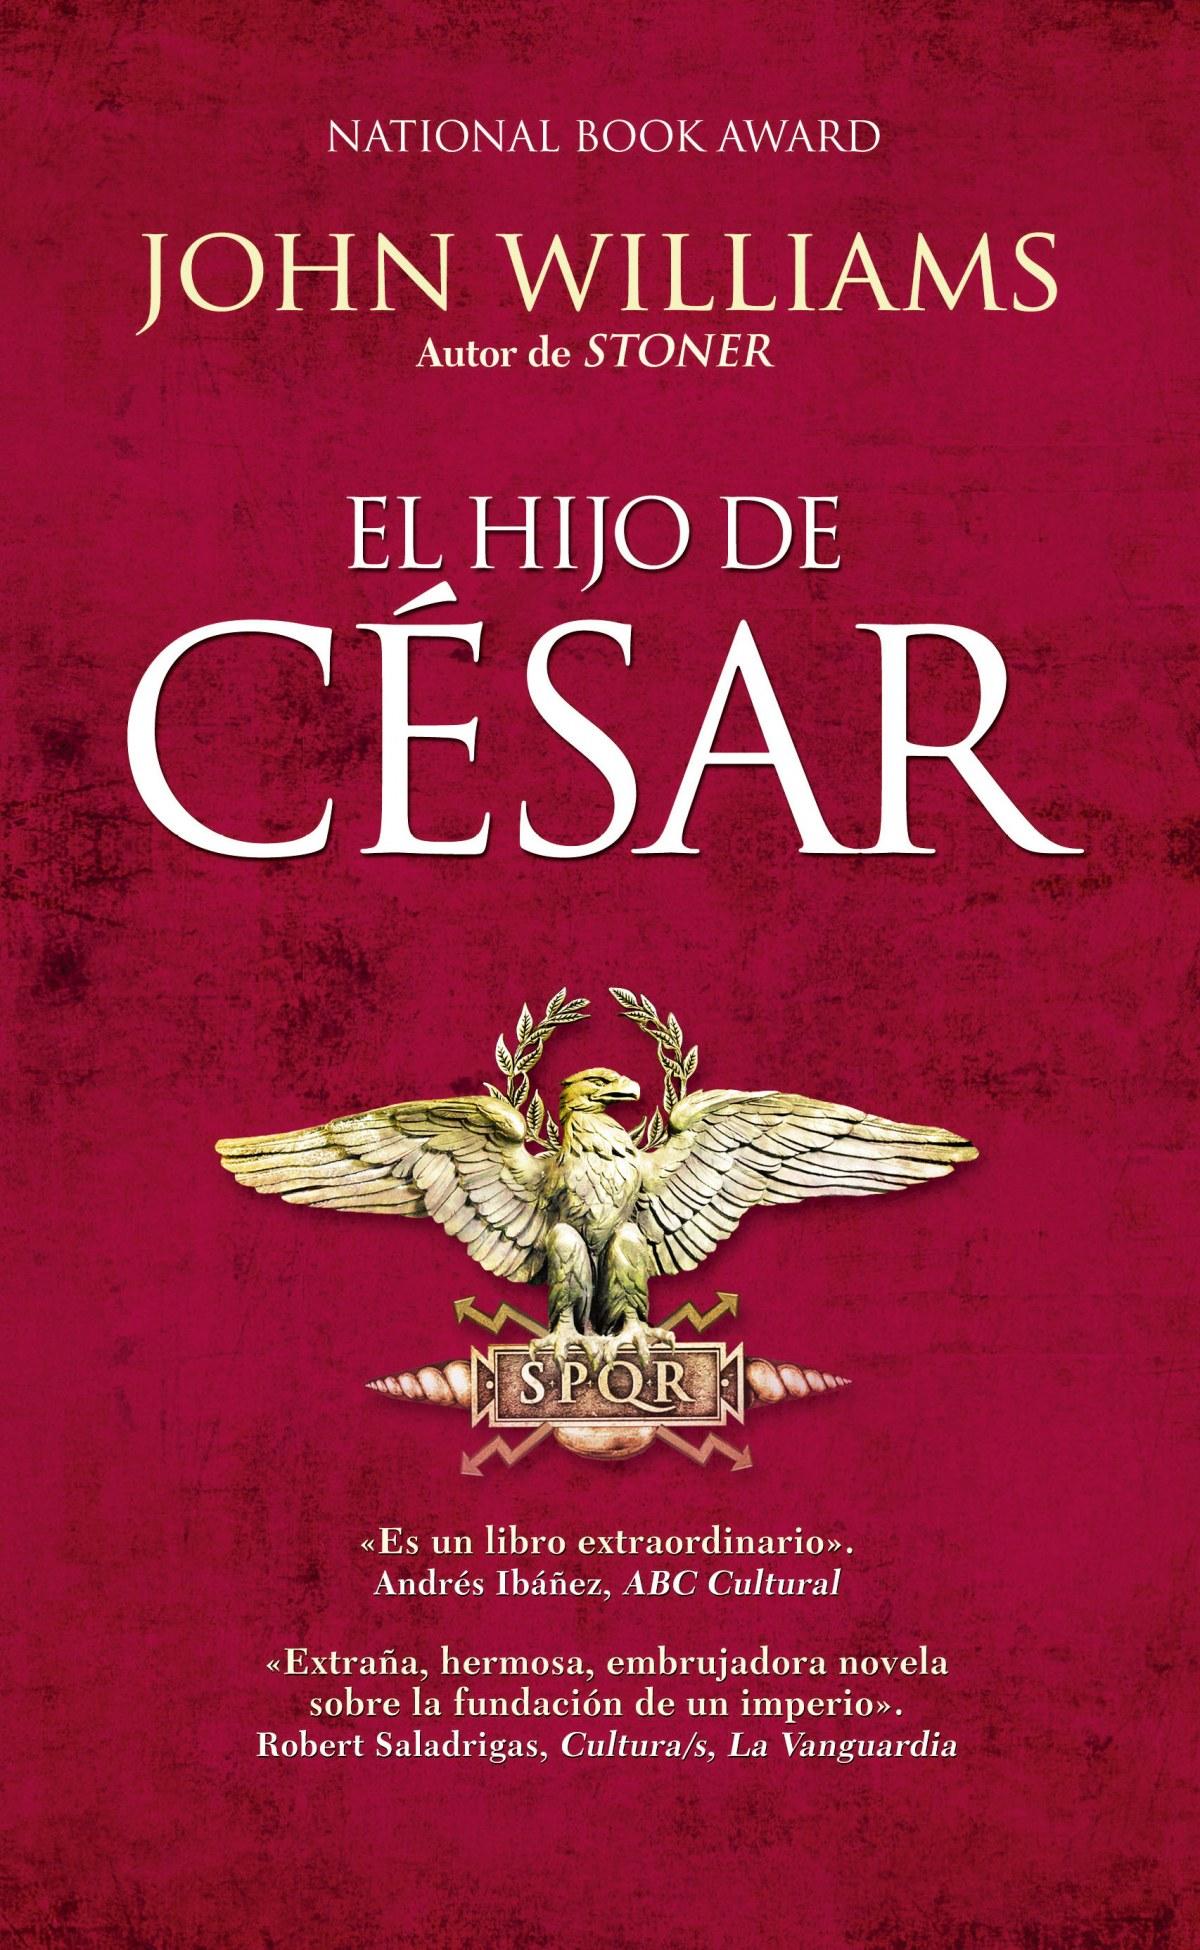 El hijo de César 9788416331543